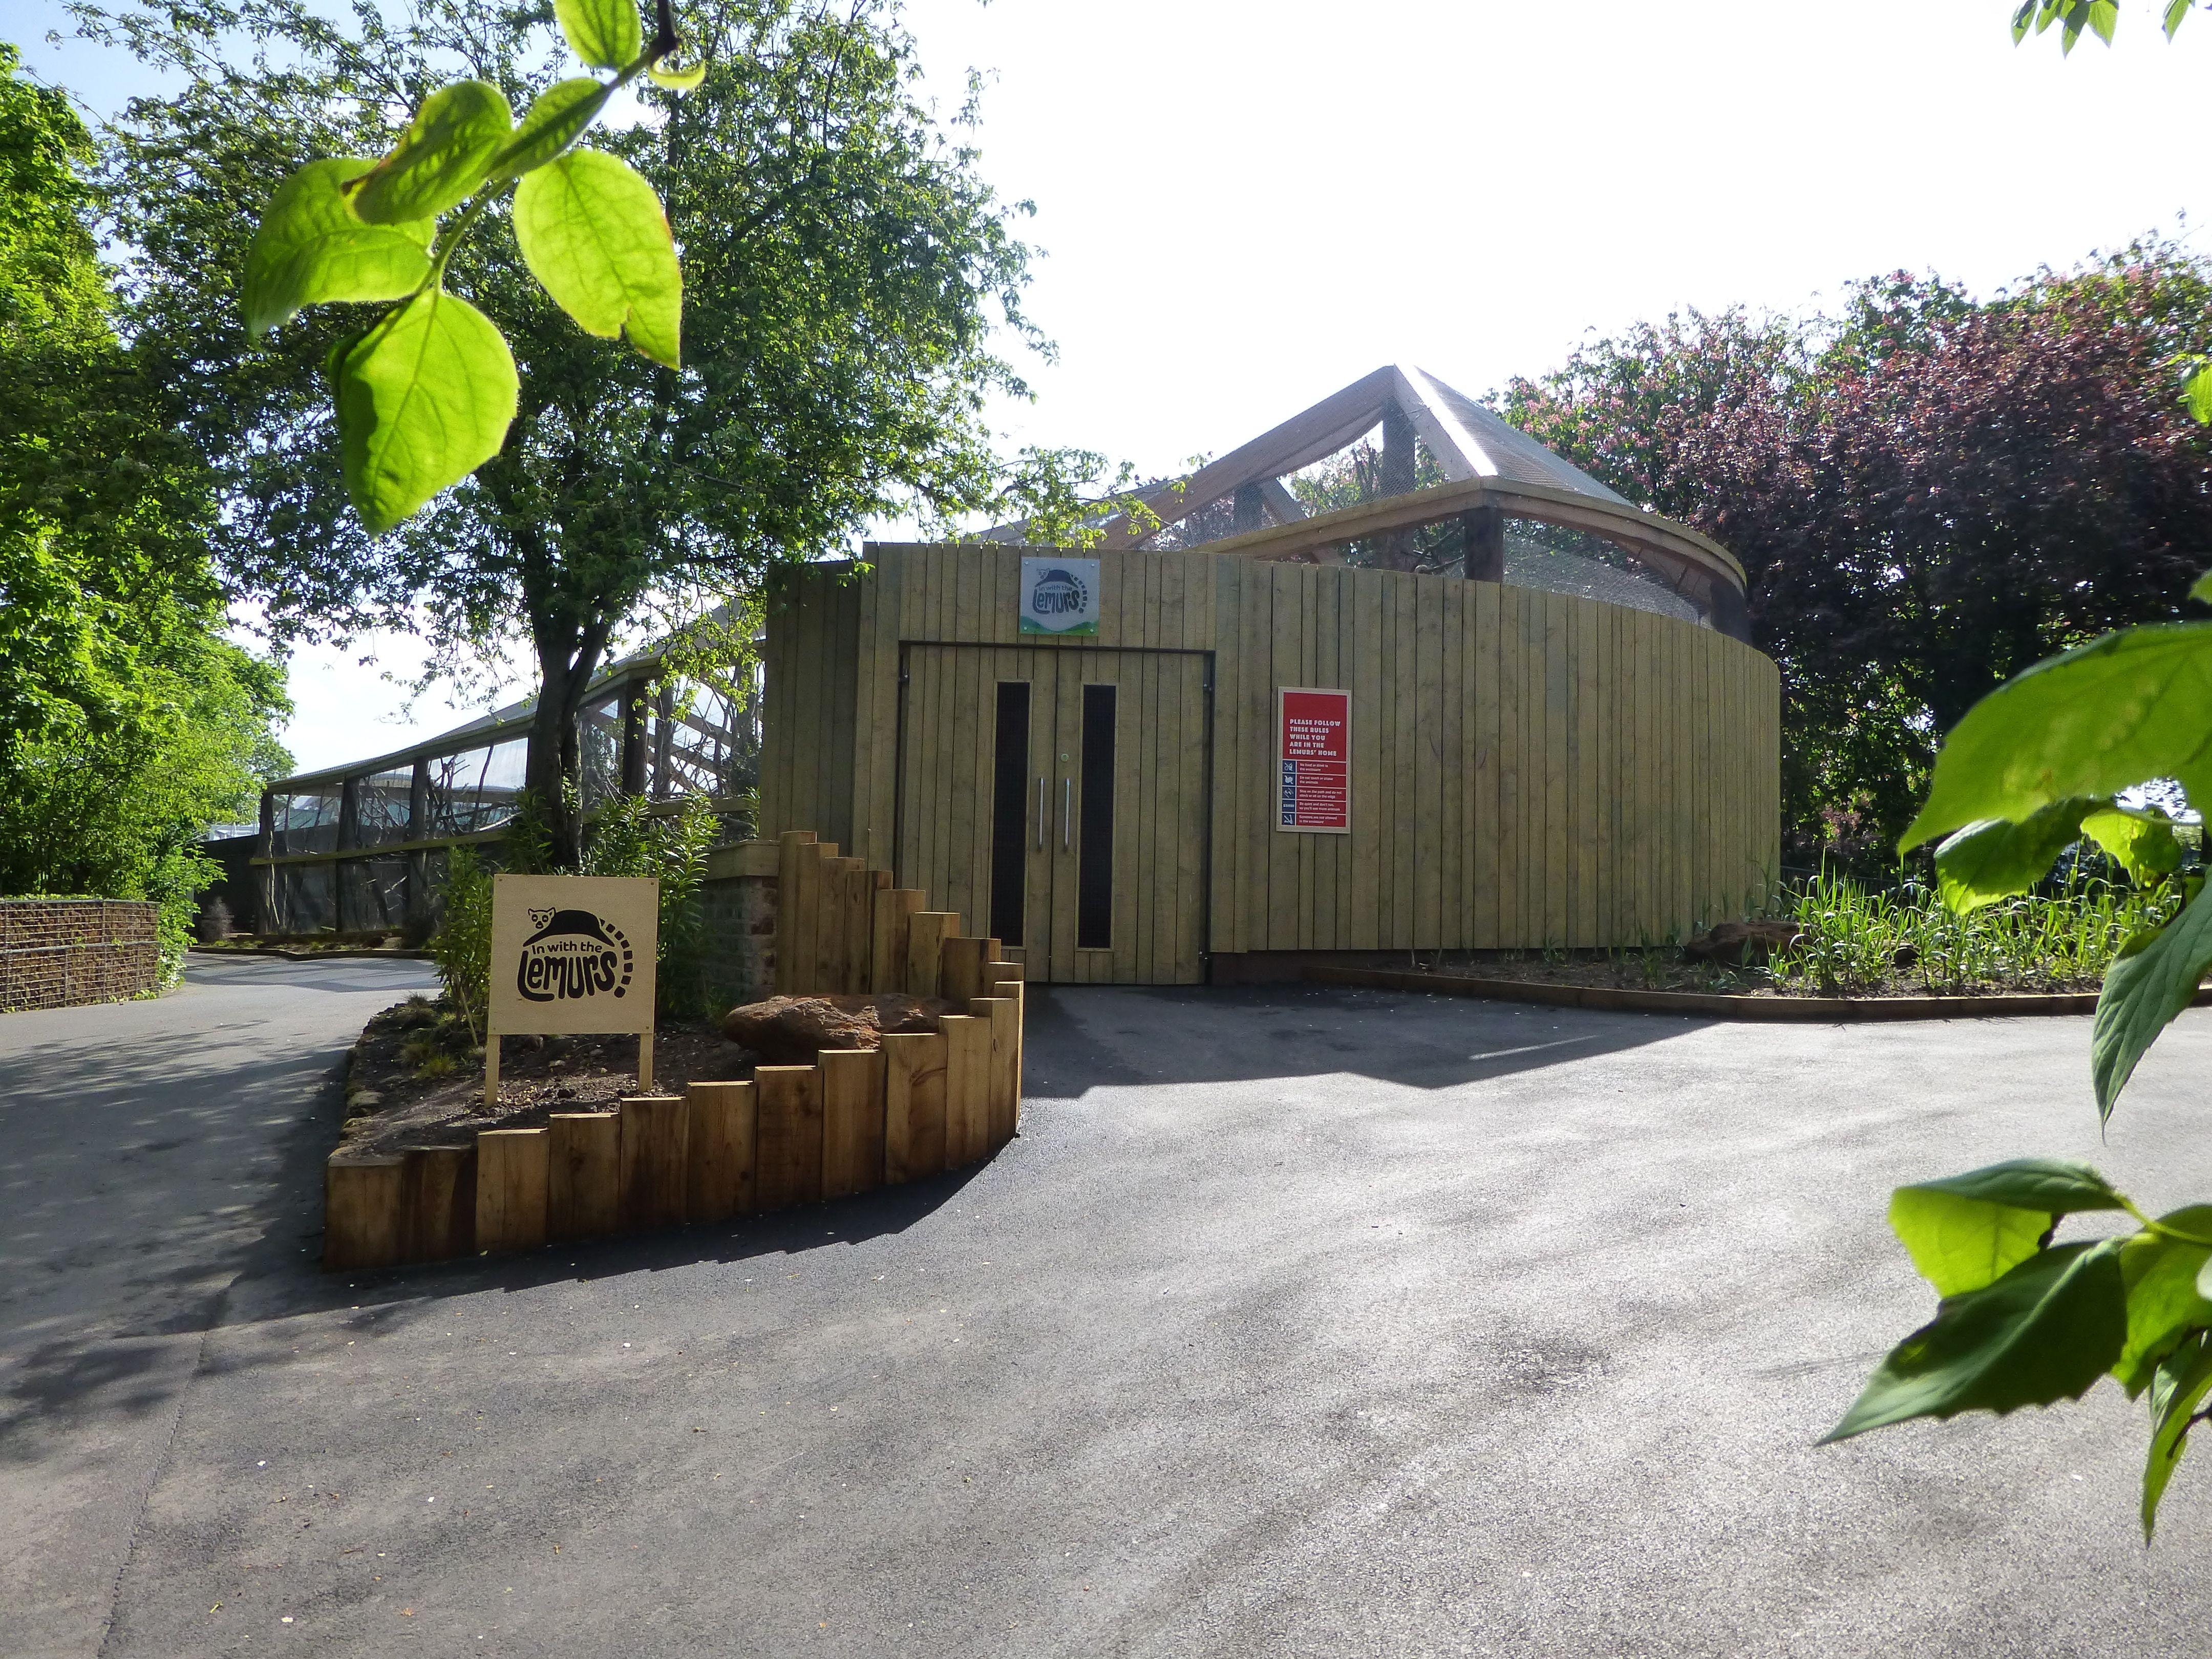 ZSL London Zoo in London, Greater London